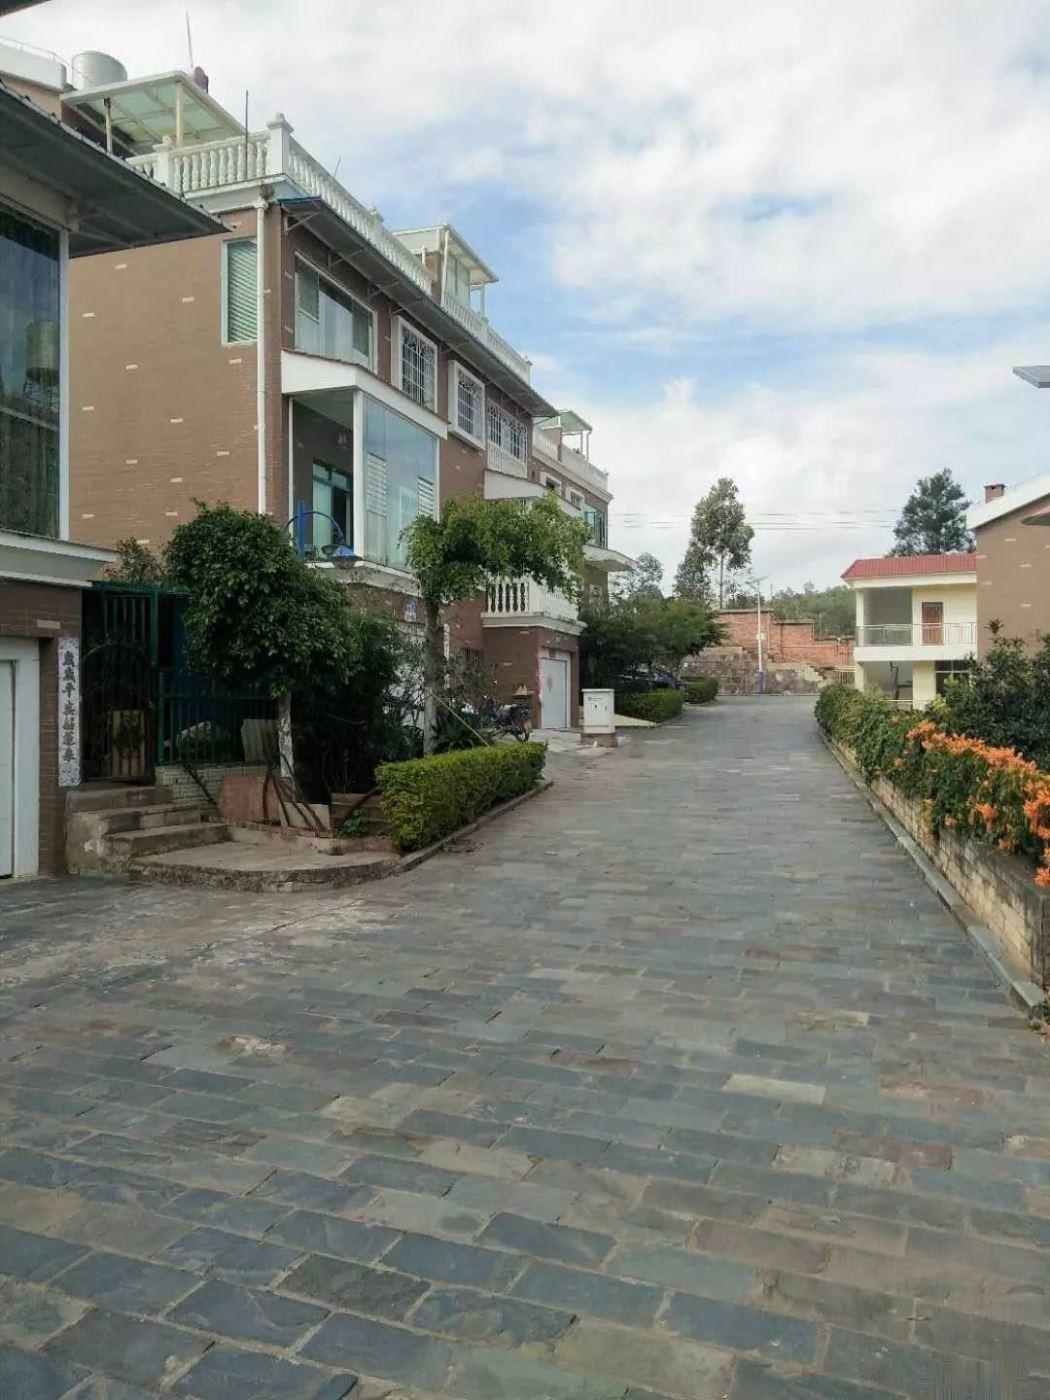 龙瑞 家园康居小区 120万 4室2厅3卫 毛坯您看过吗